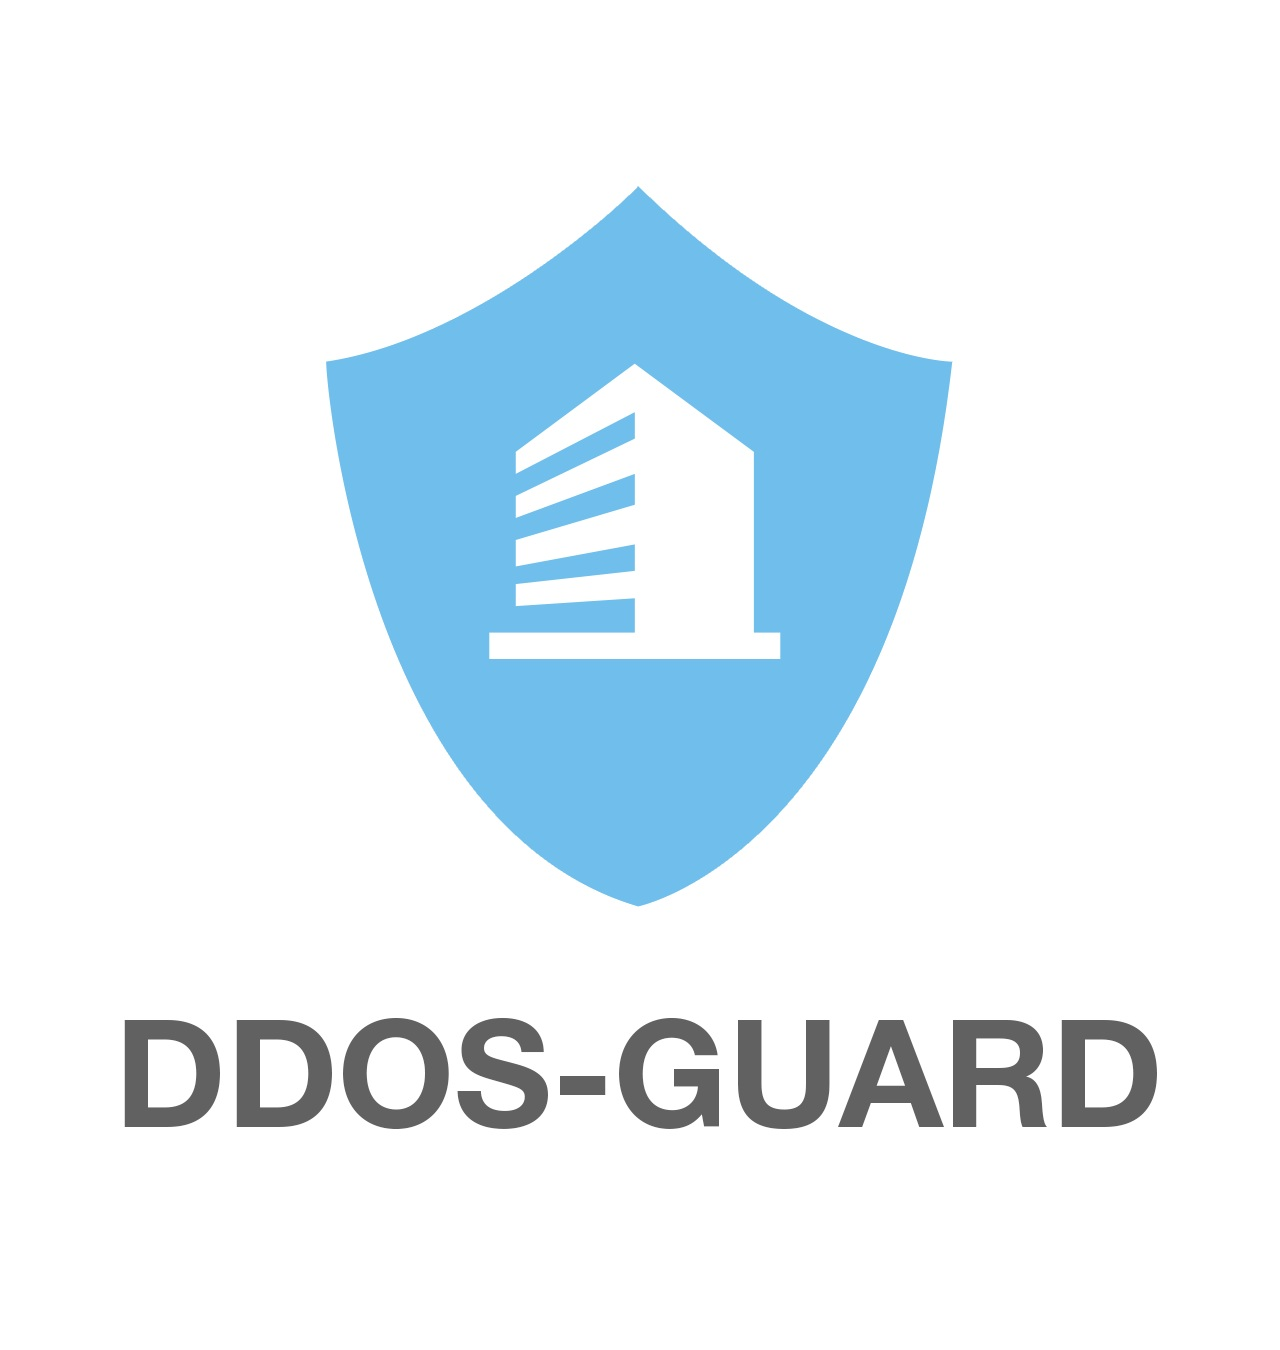 Новые методы борьбы с DDoS-атаками предложила компания DDoS GUARD